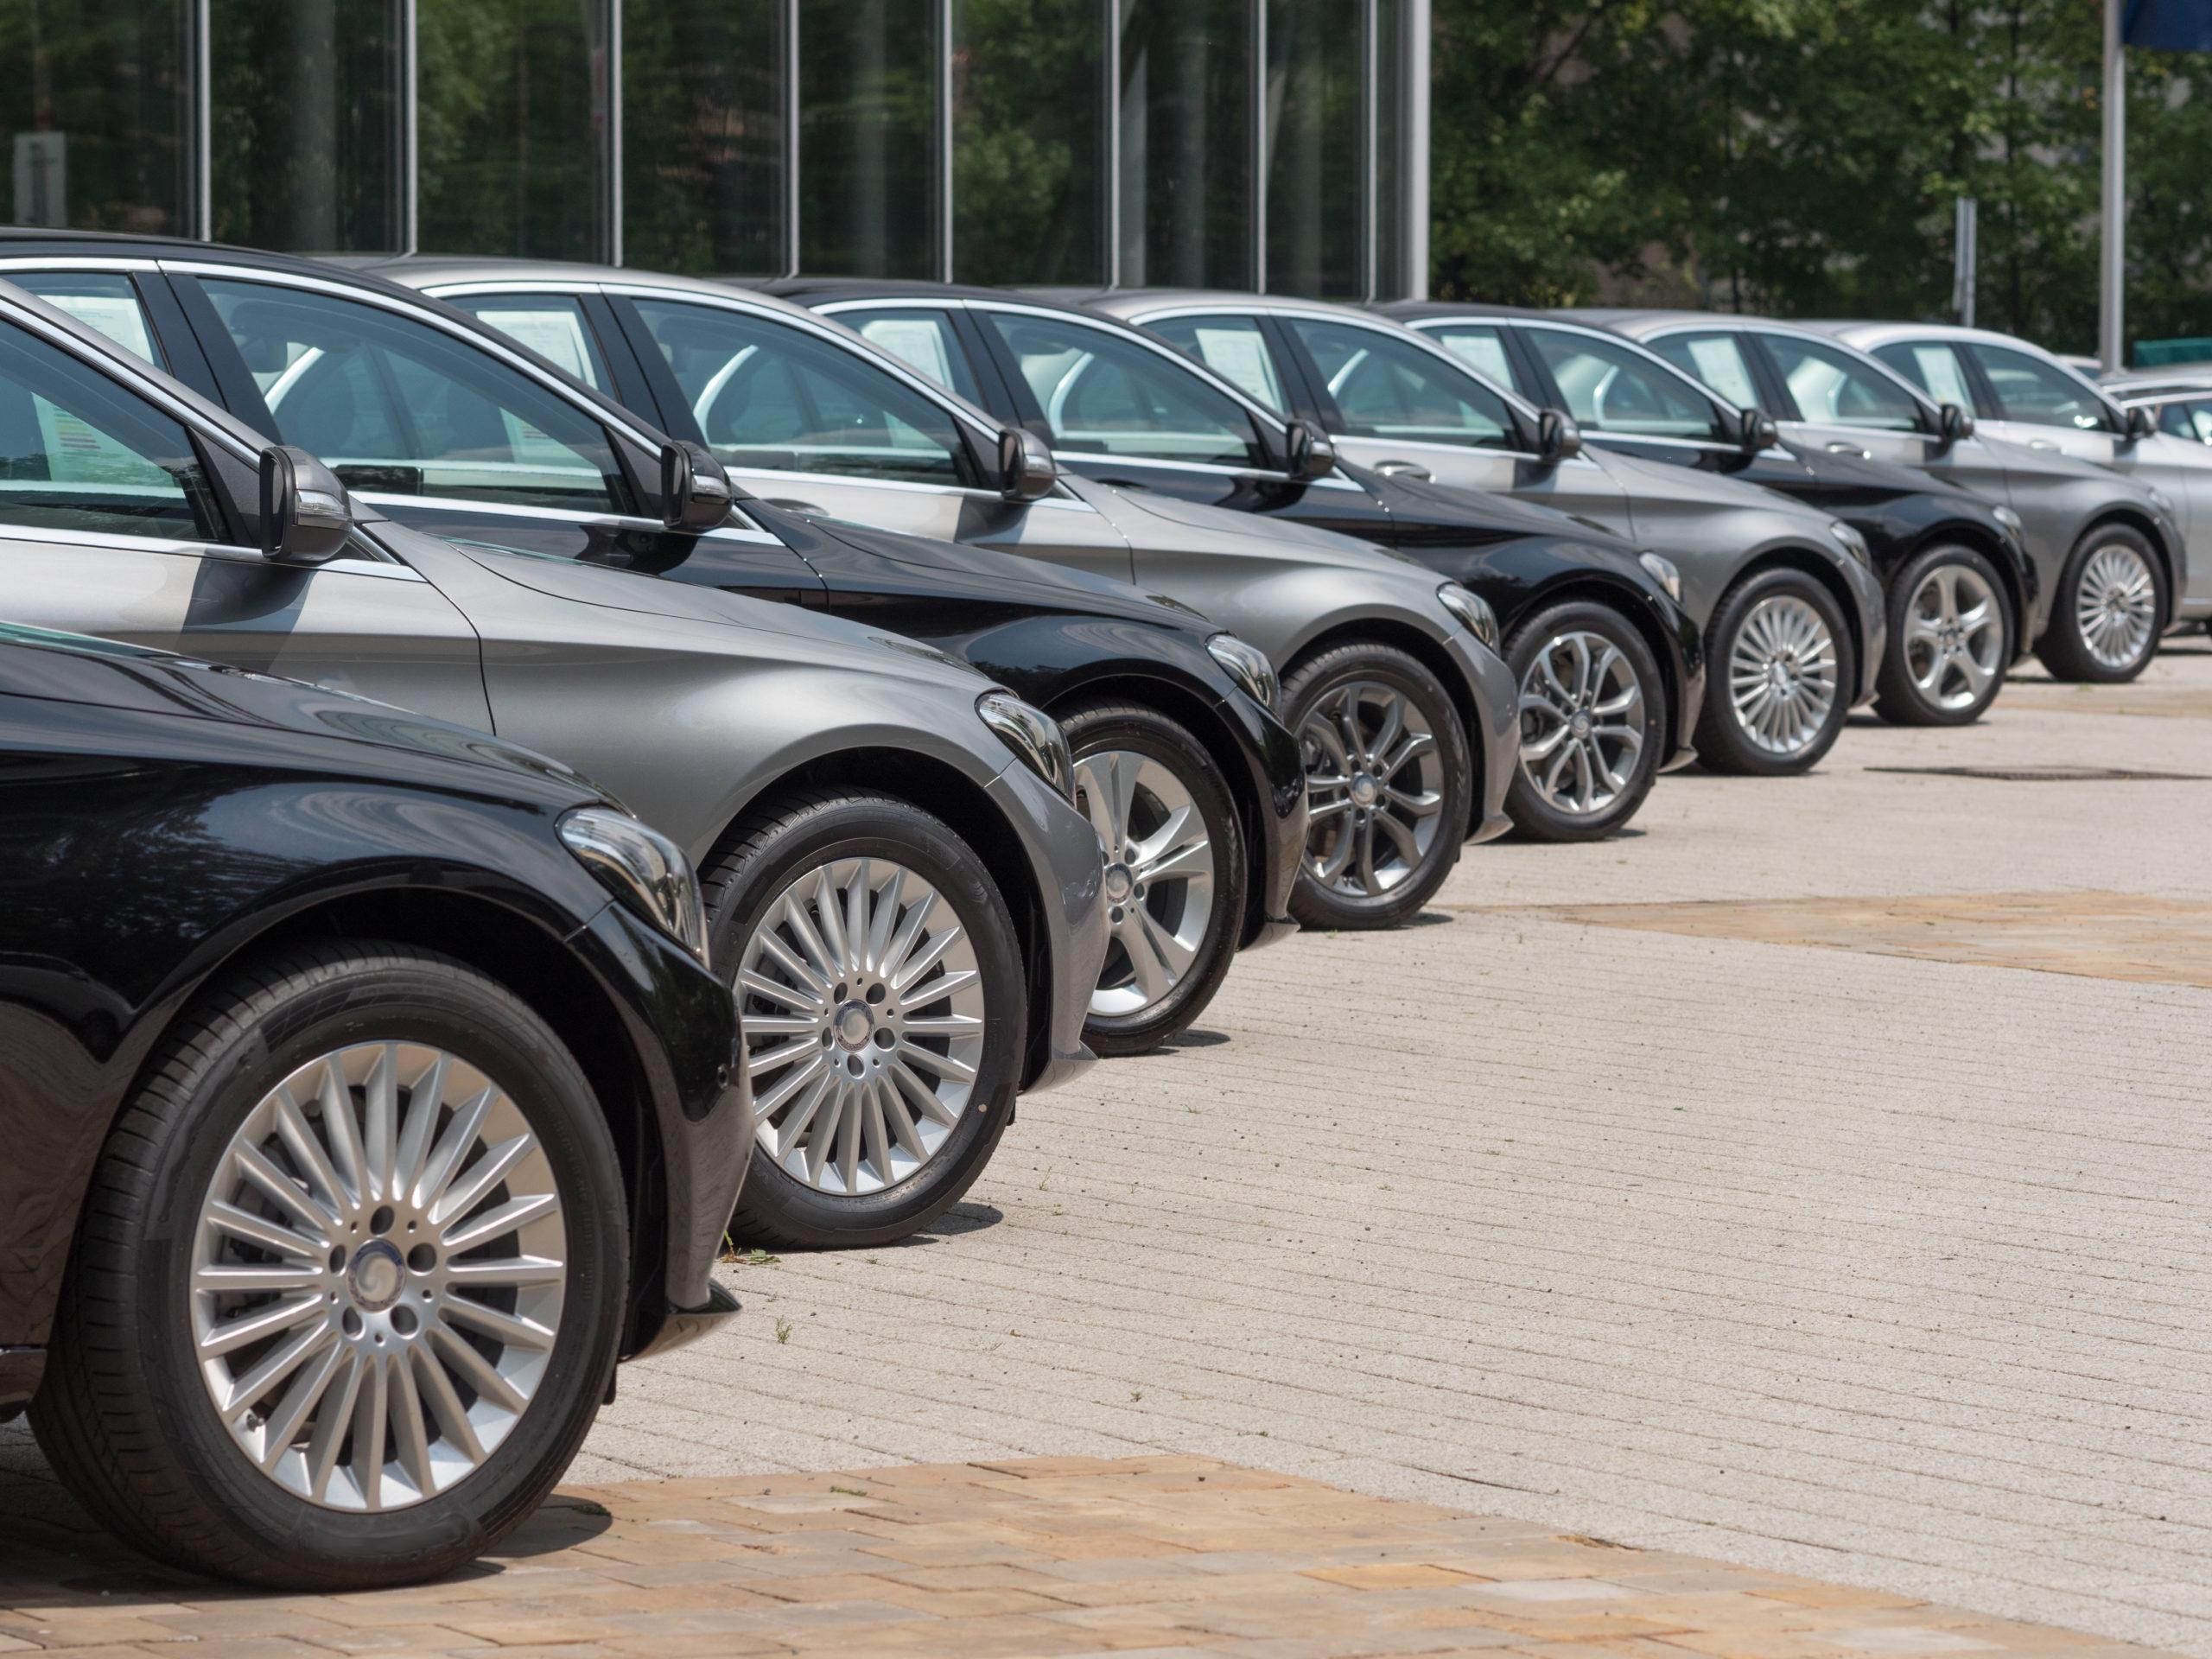 Дилеров подвела жадность: продажи новых машин в России рухнули